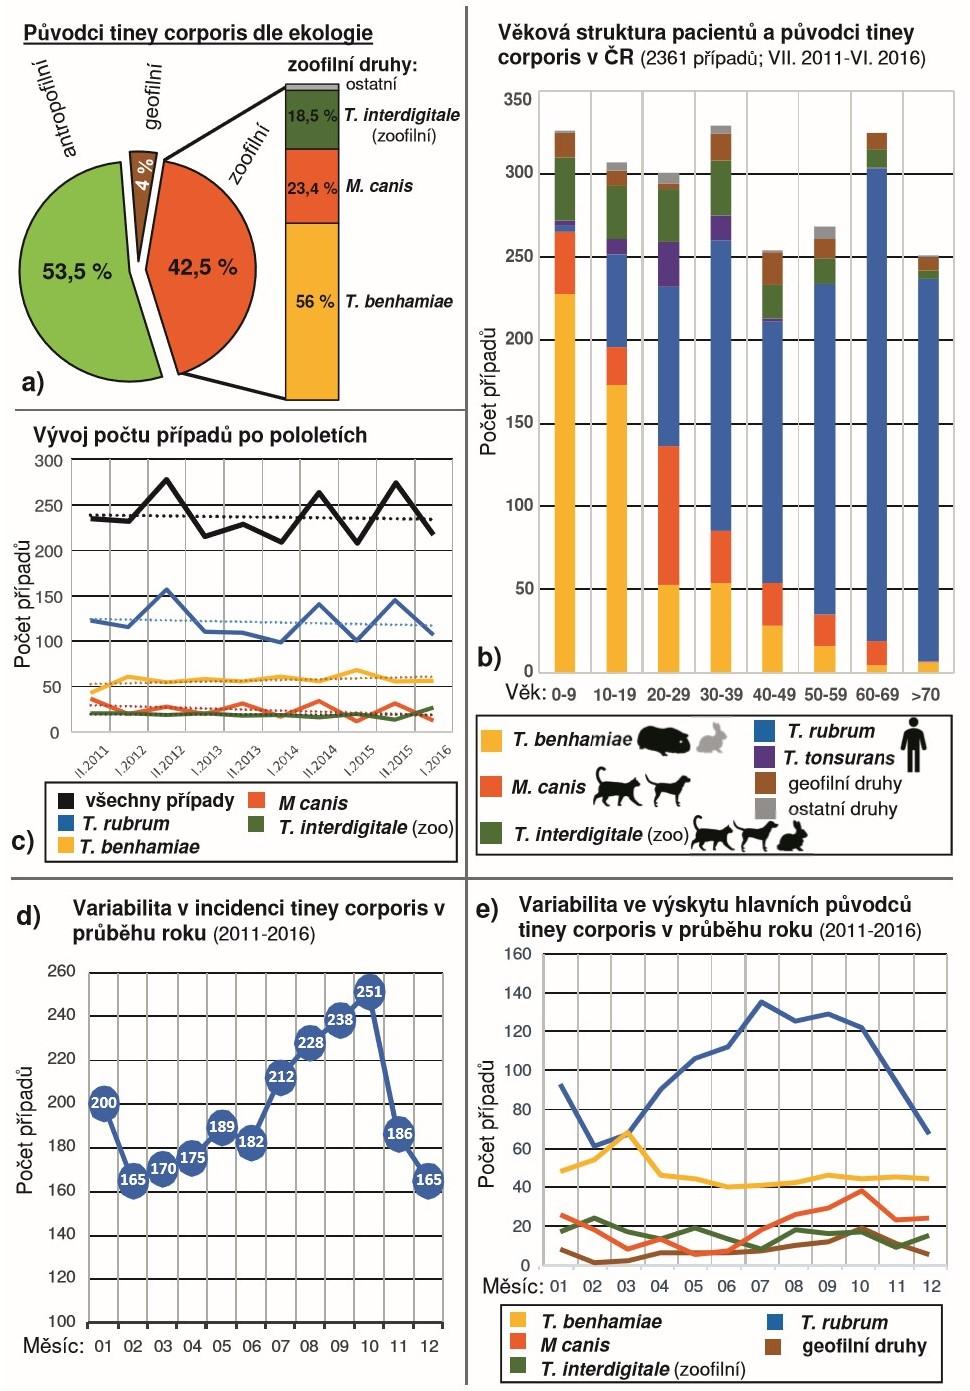 Epidemiologická analýza 2361 případů tiney corporis diagnostikovaných během pětileté studie (VII. 2011-VI. 2016)